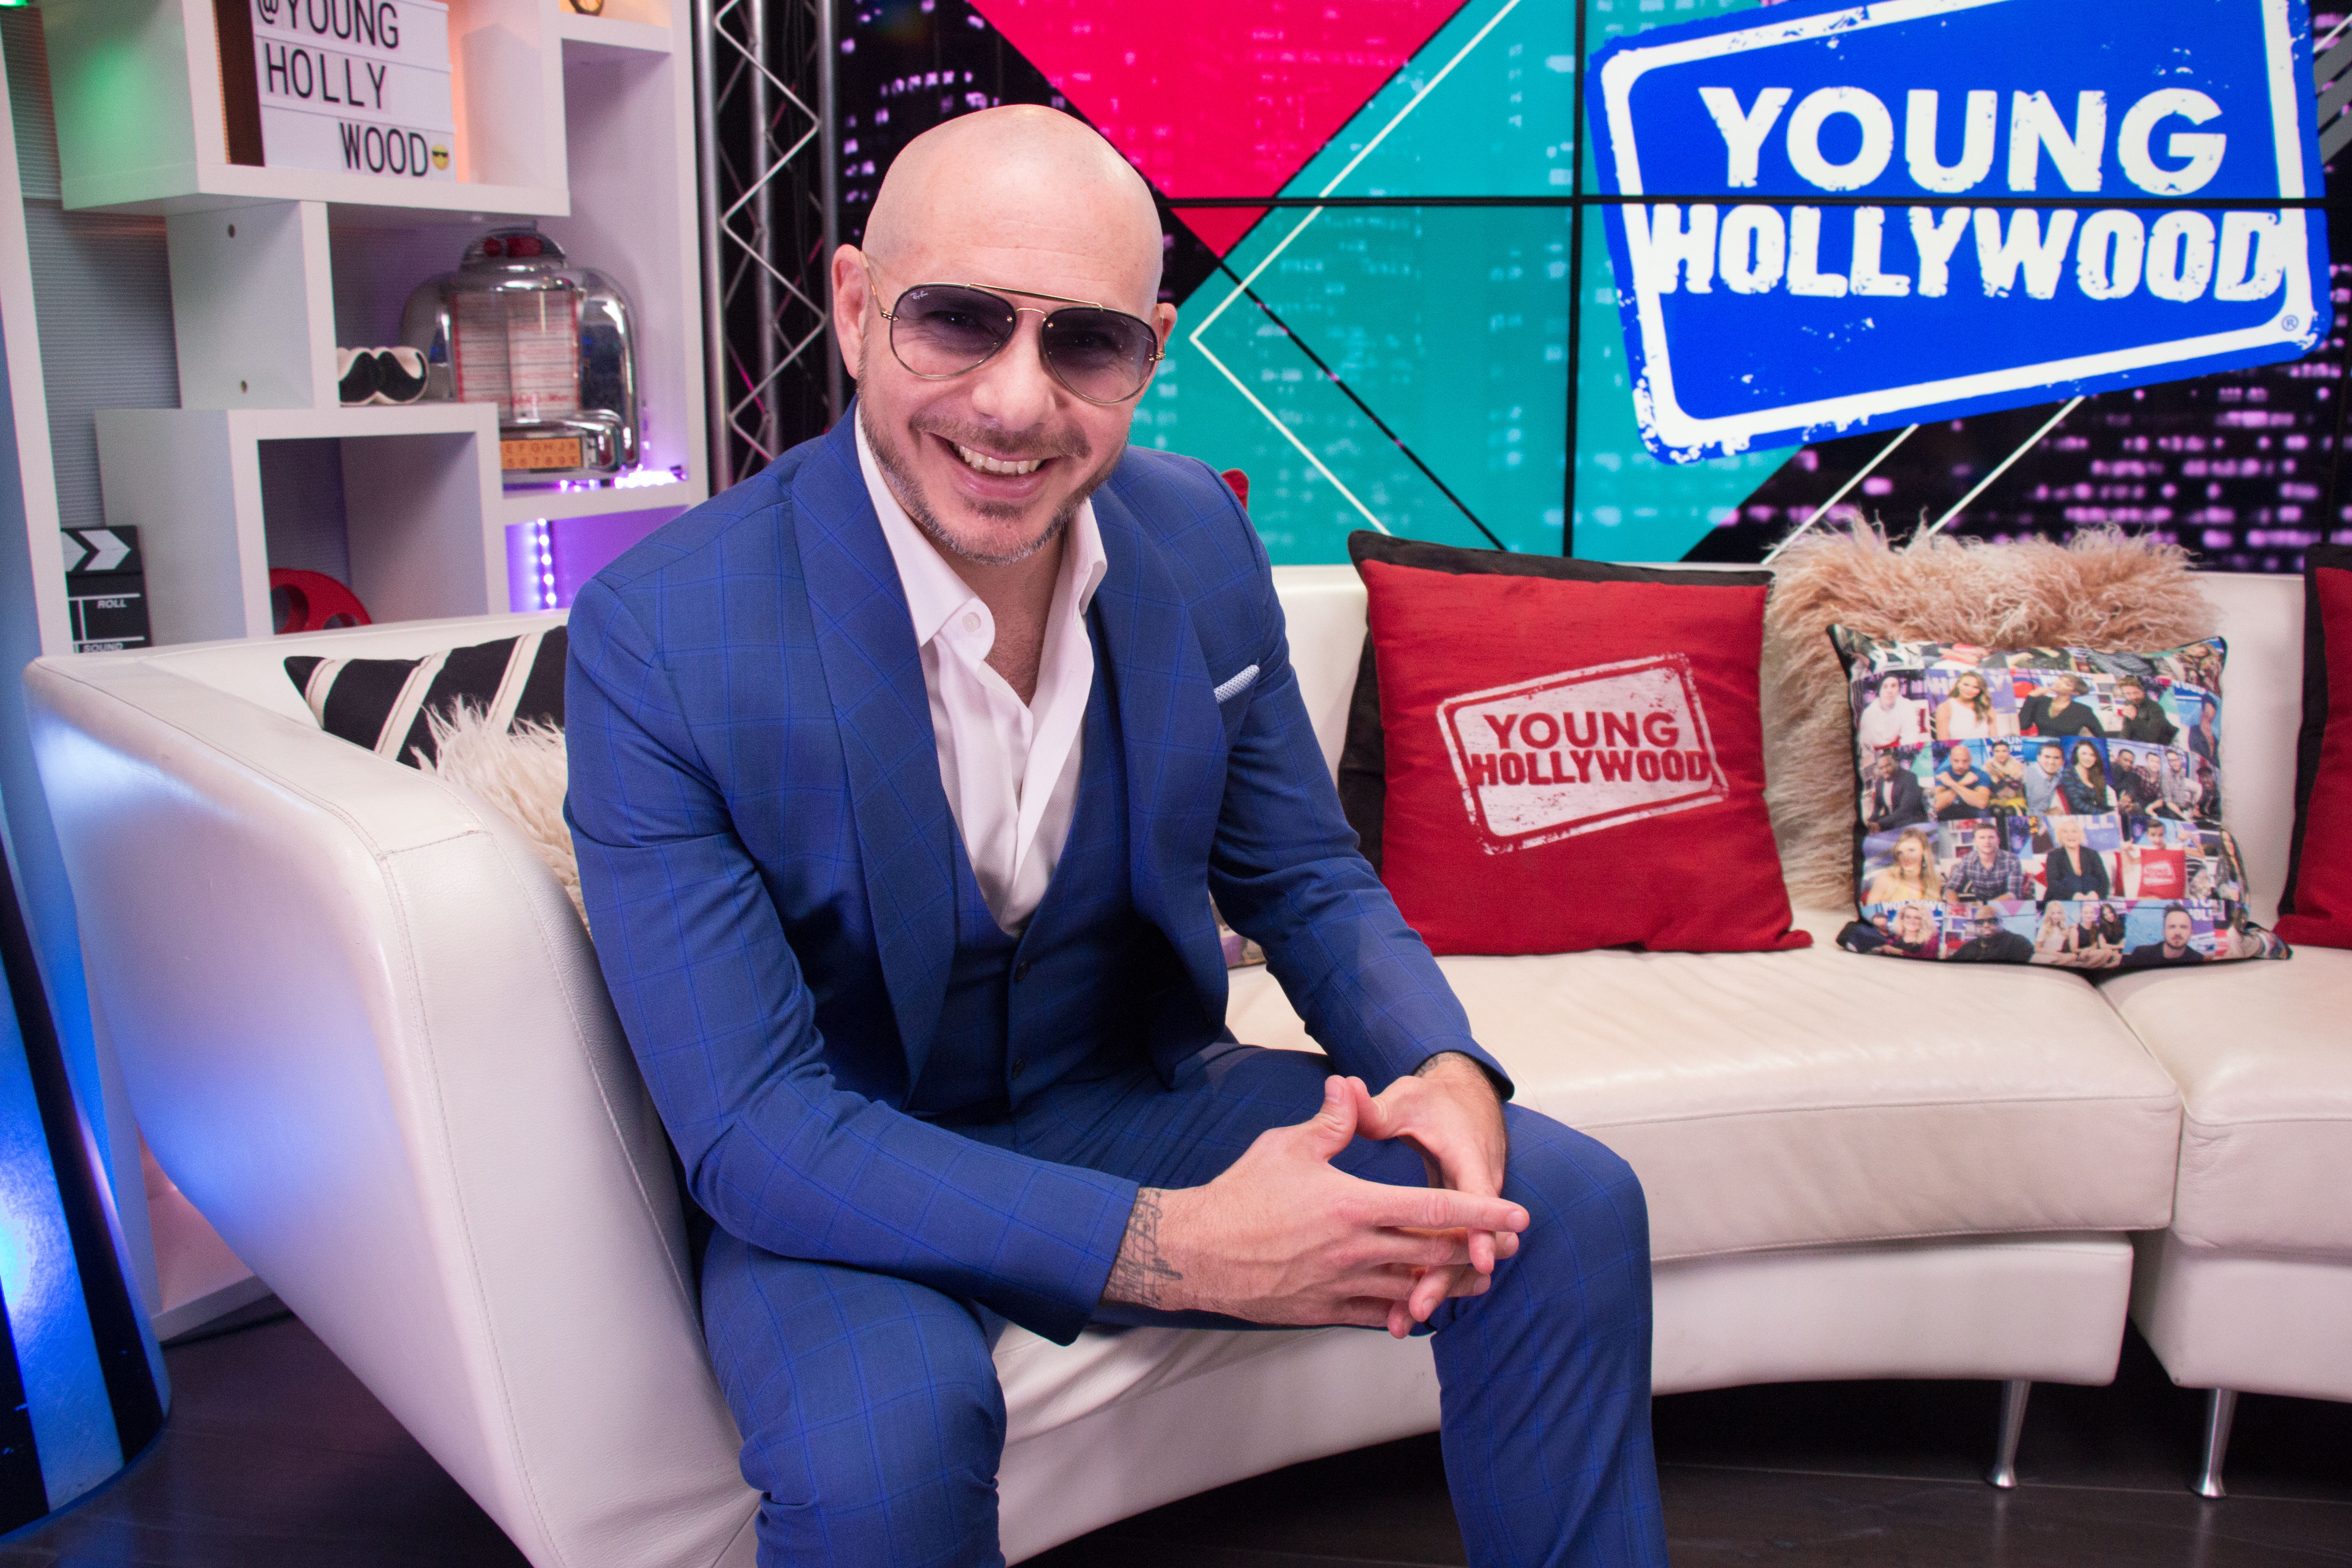 Pitbull Visits Young Hollywood Studio